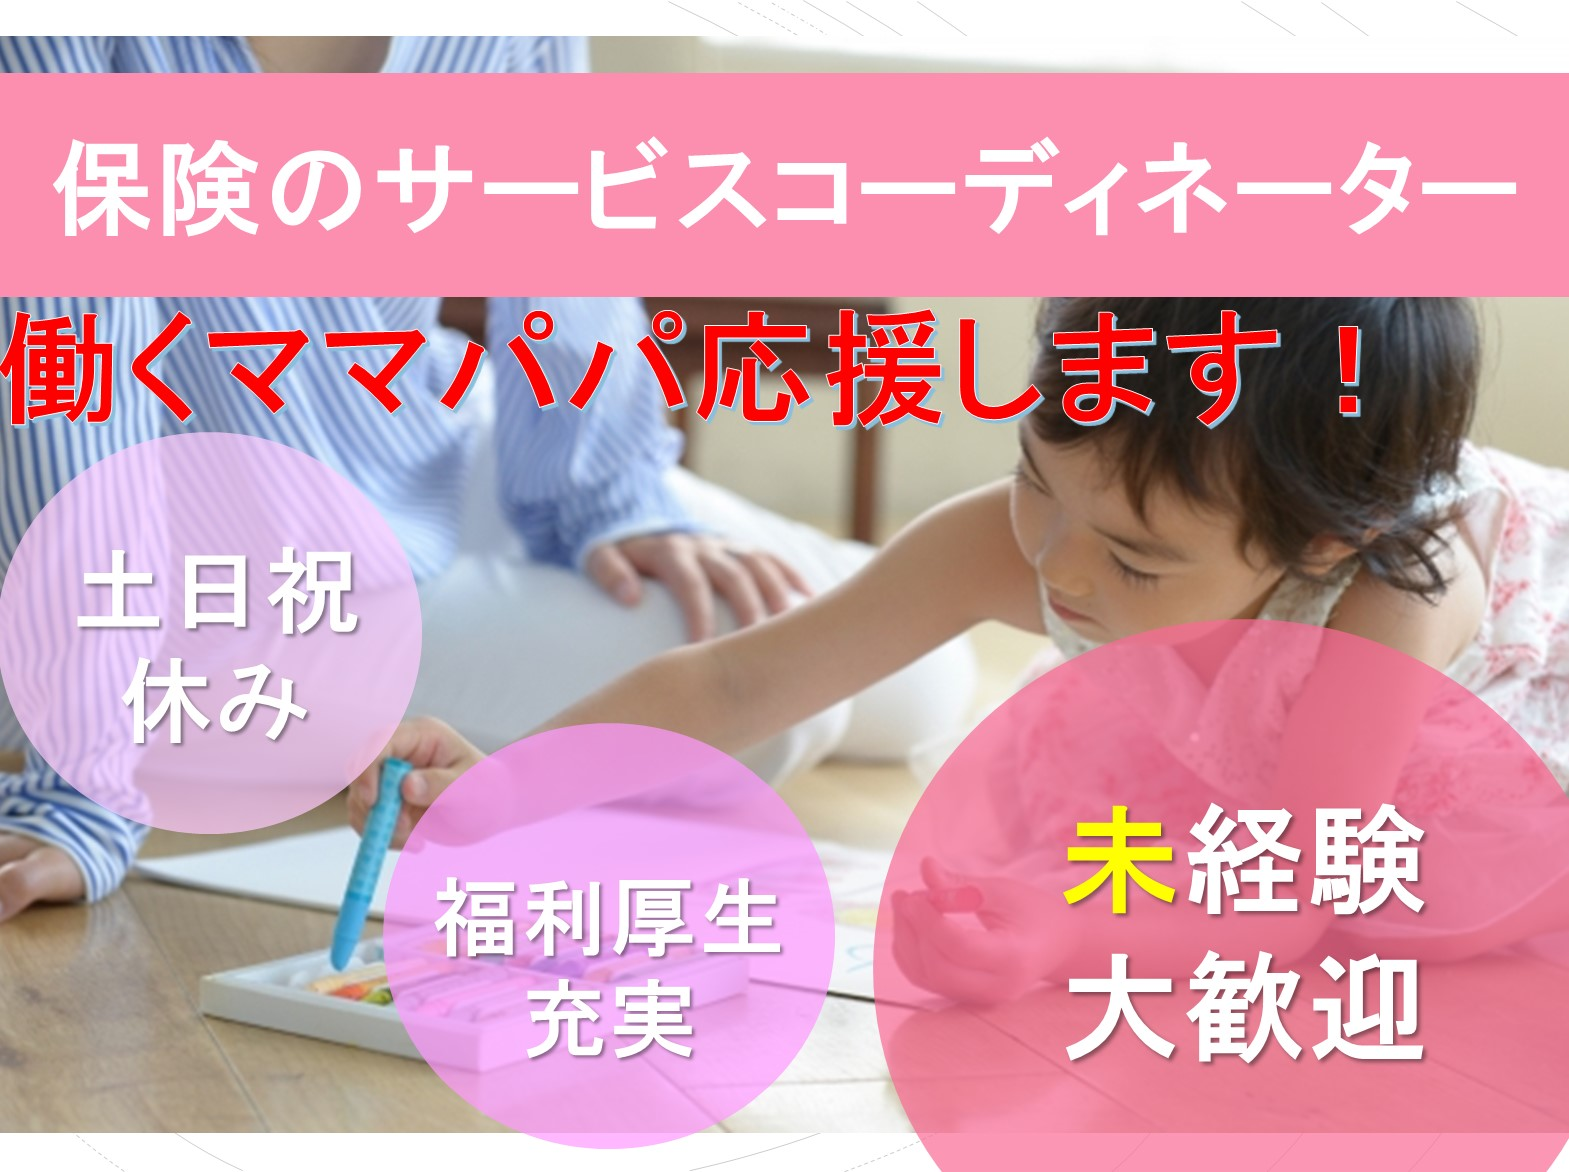 [豊田市]働くママパパ応援します!◇保険のサービスコーディネーター◇福利厚生も充実 イメージ